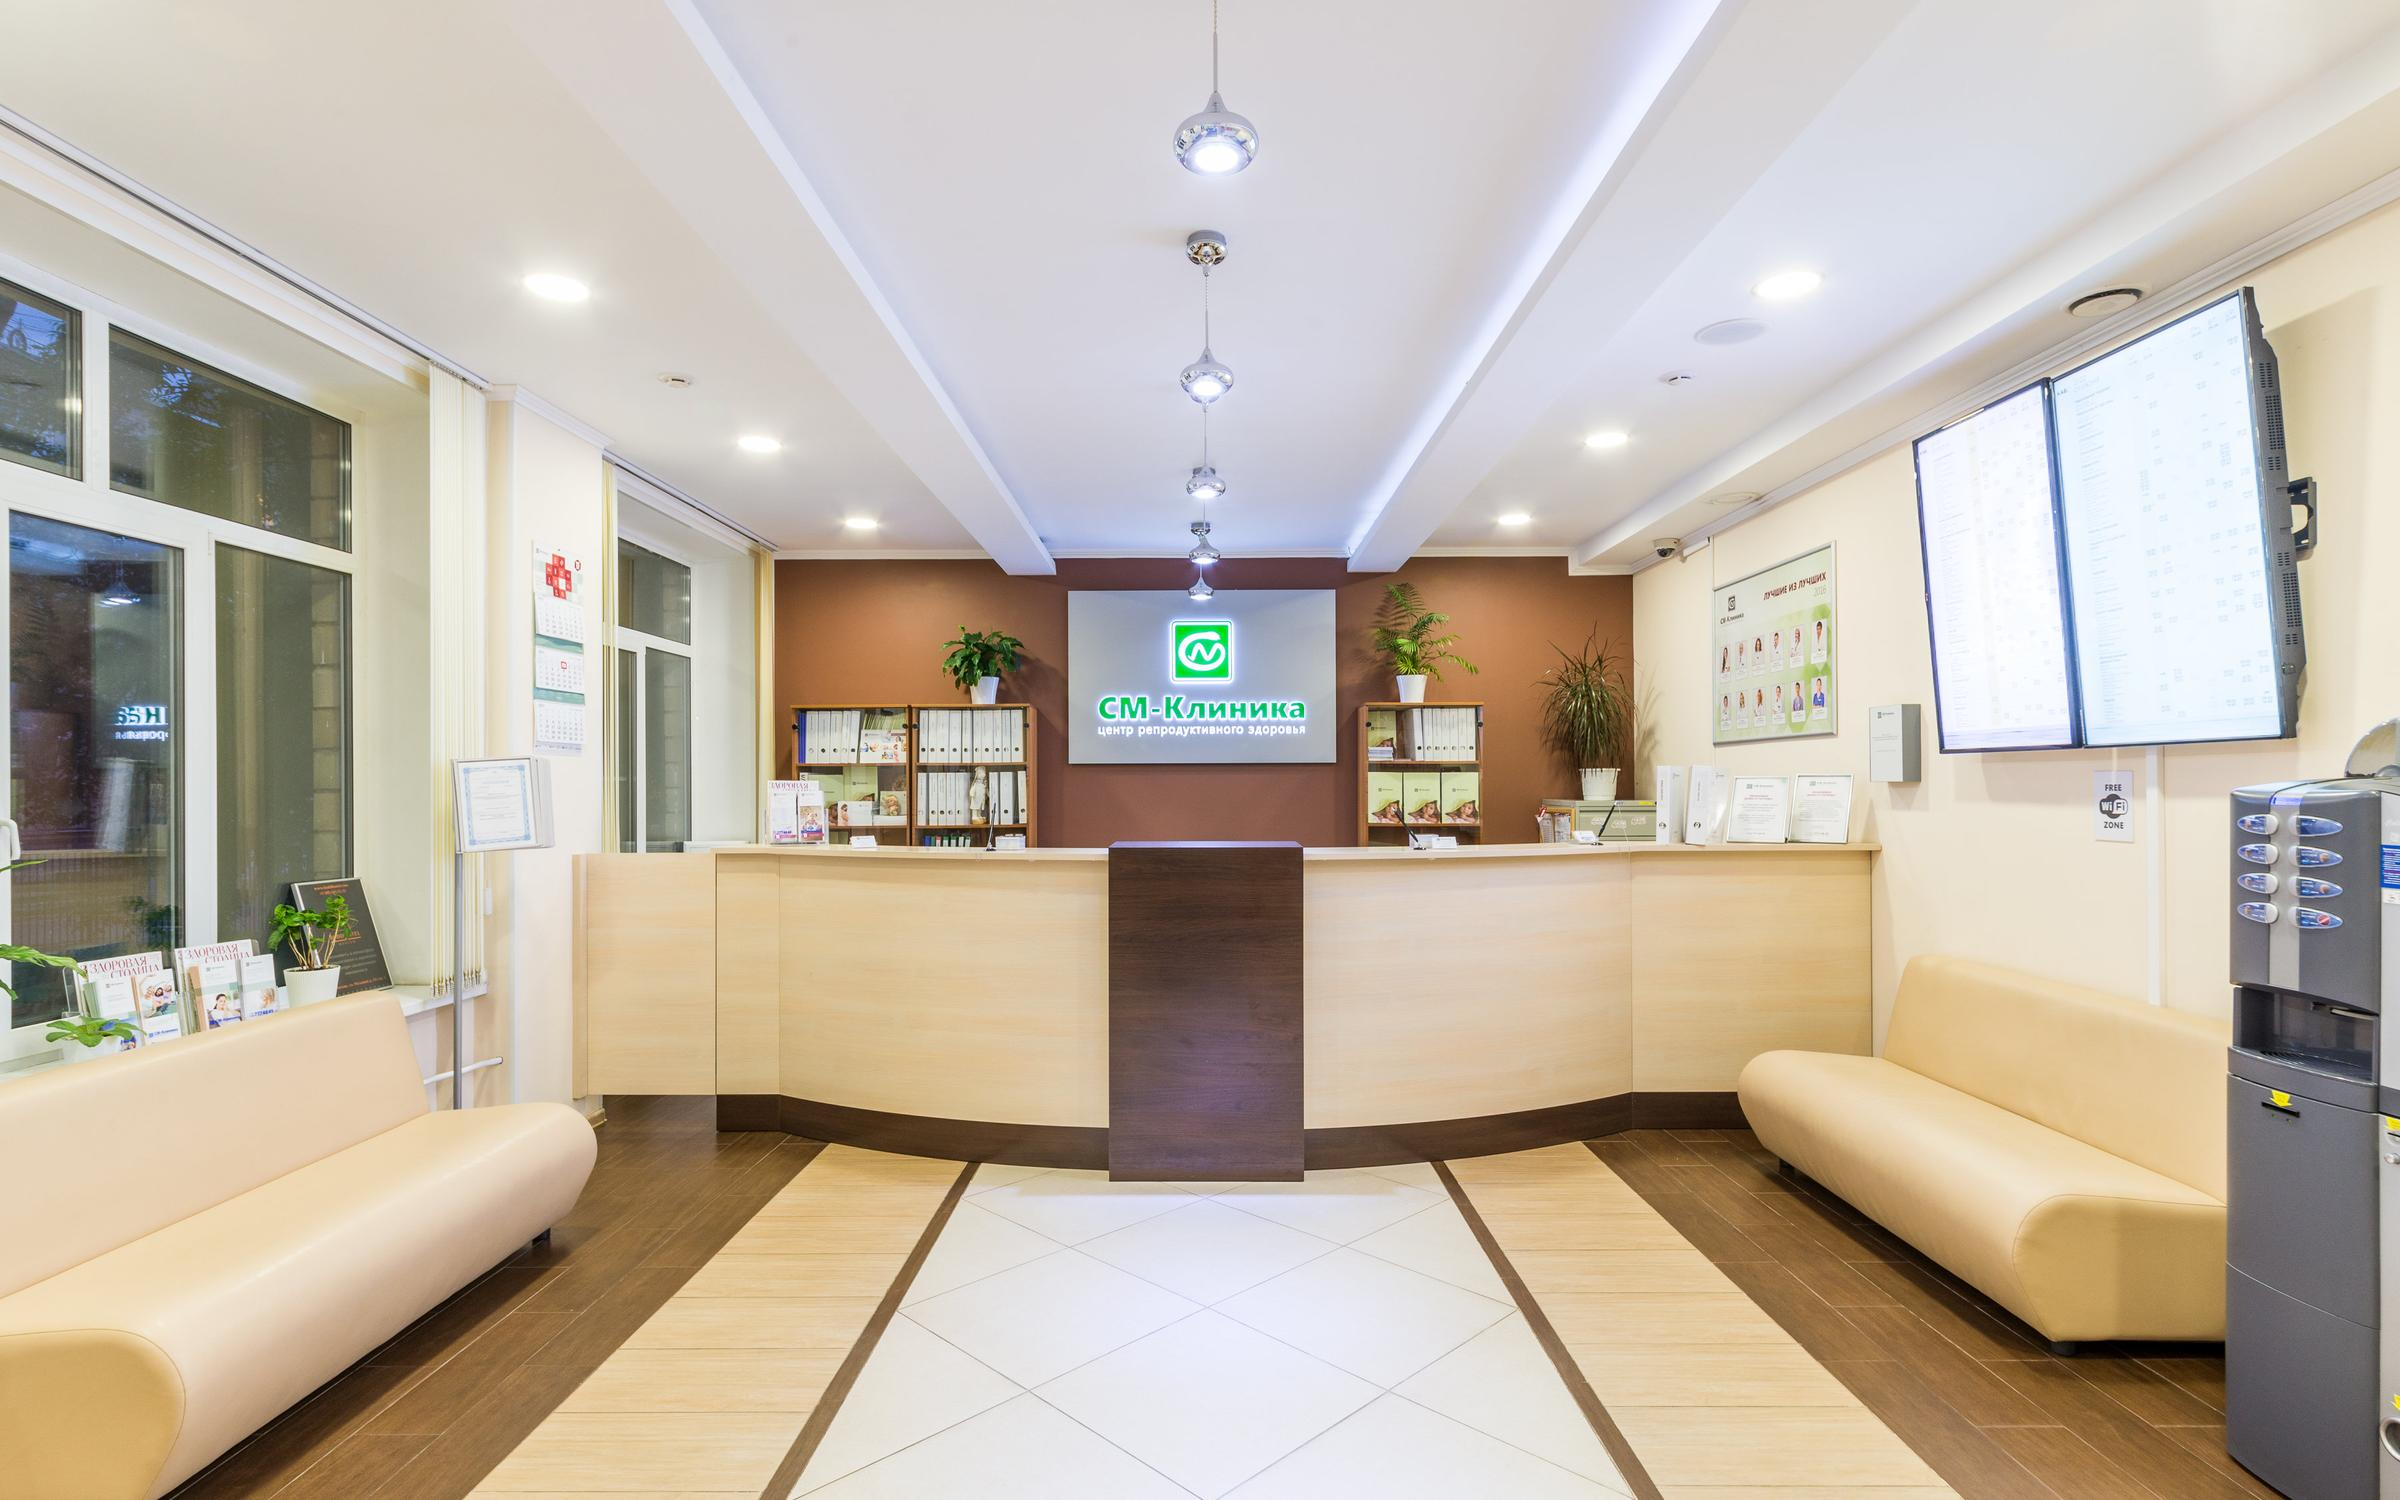 фотография Центра репродуктивного здоровья СМ-клиника в переулке Расковой